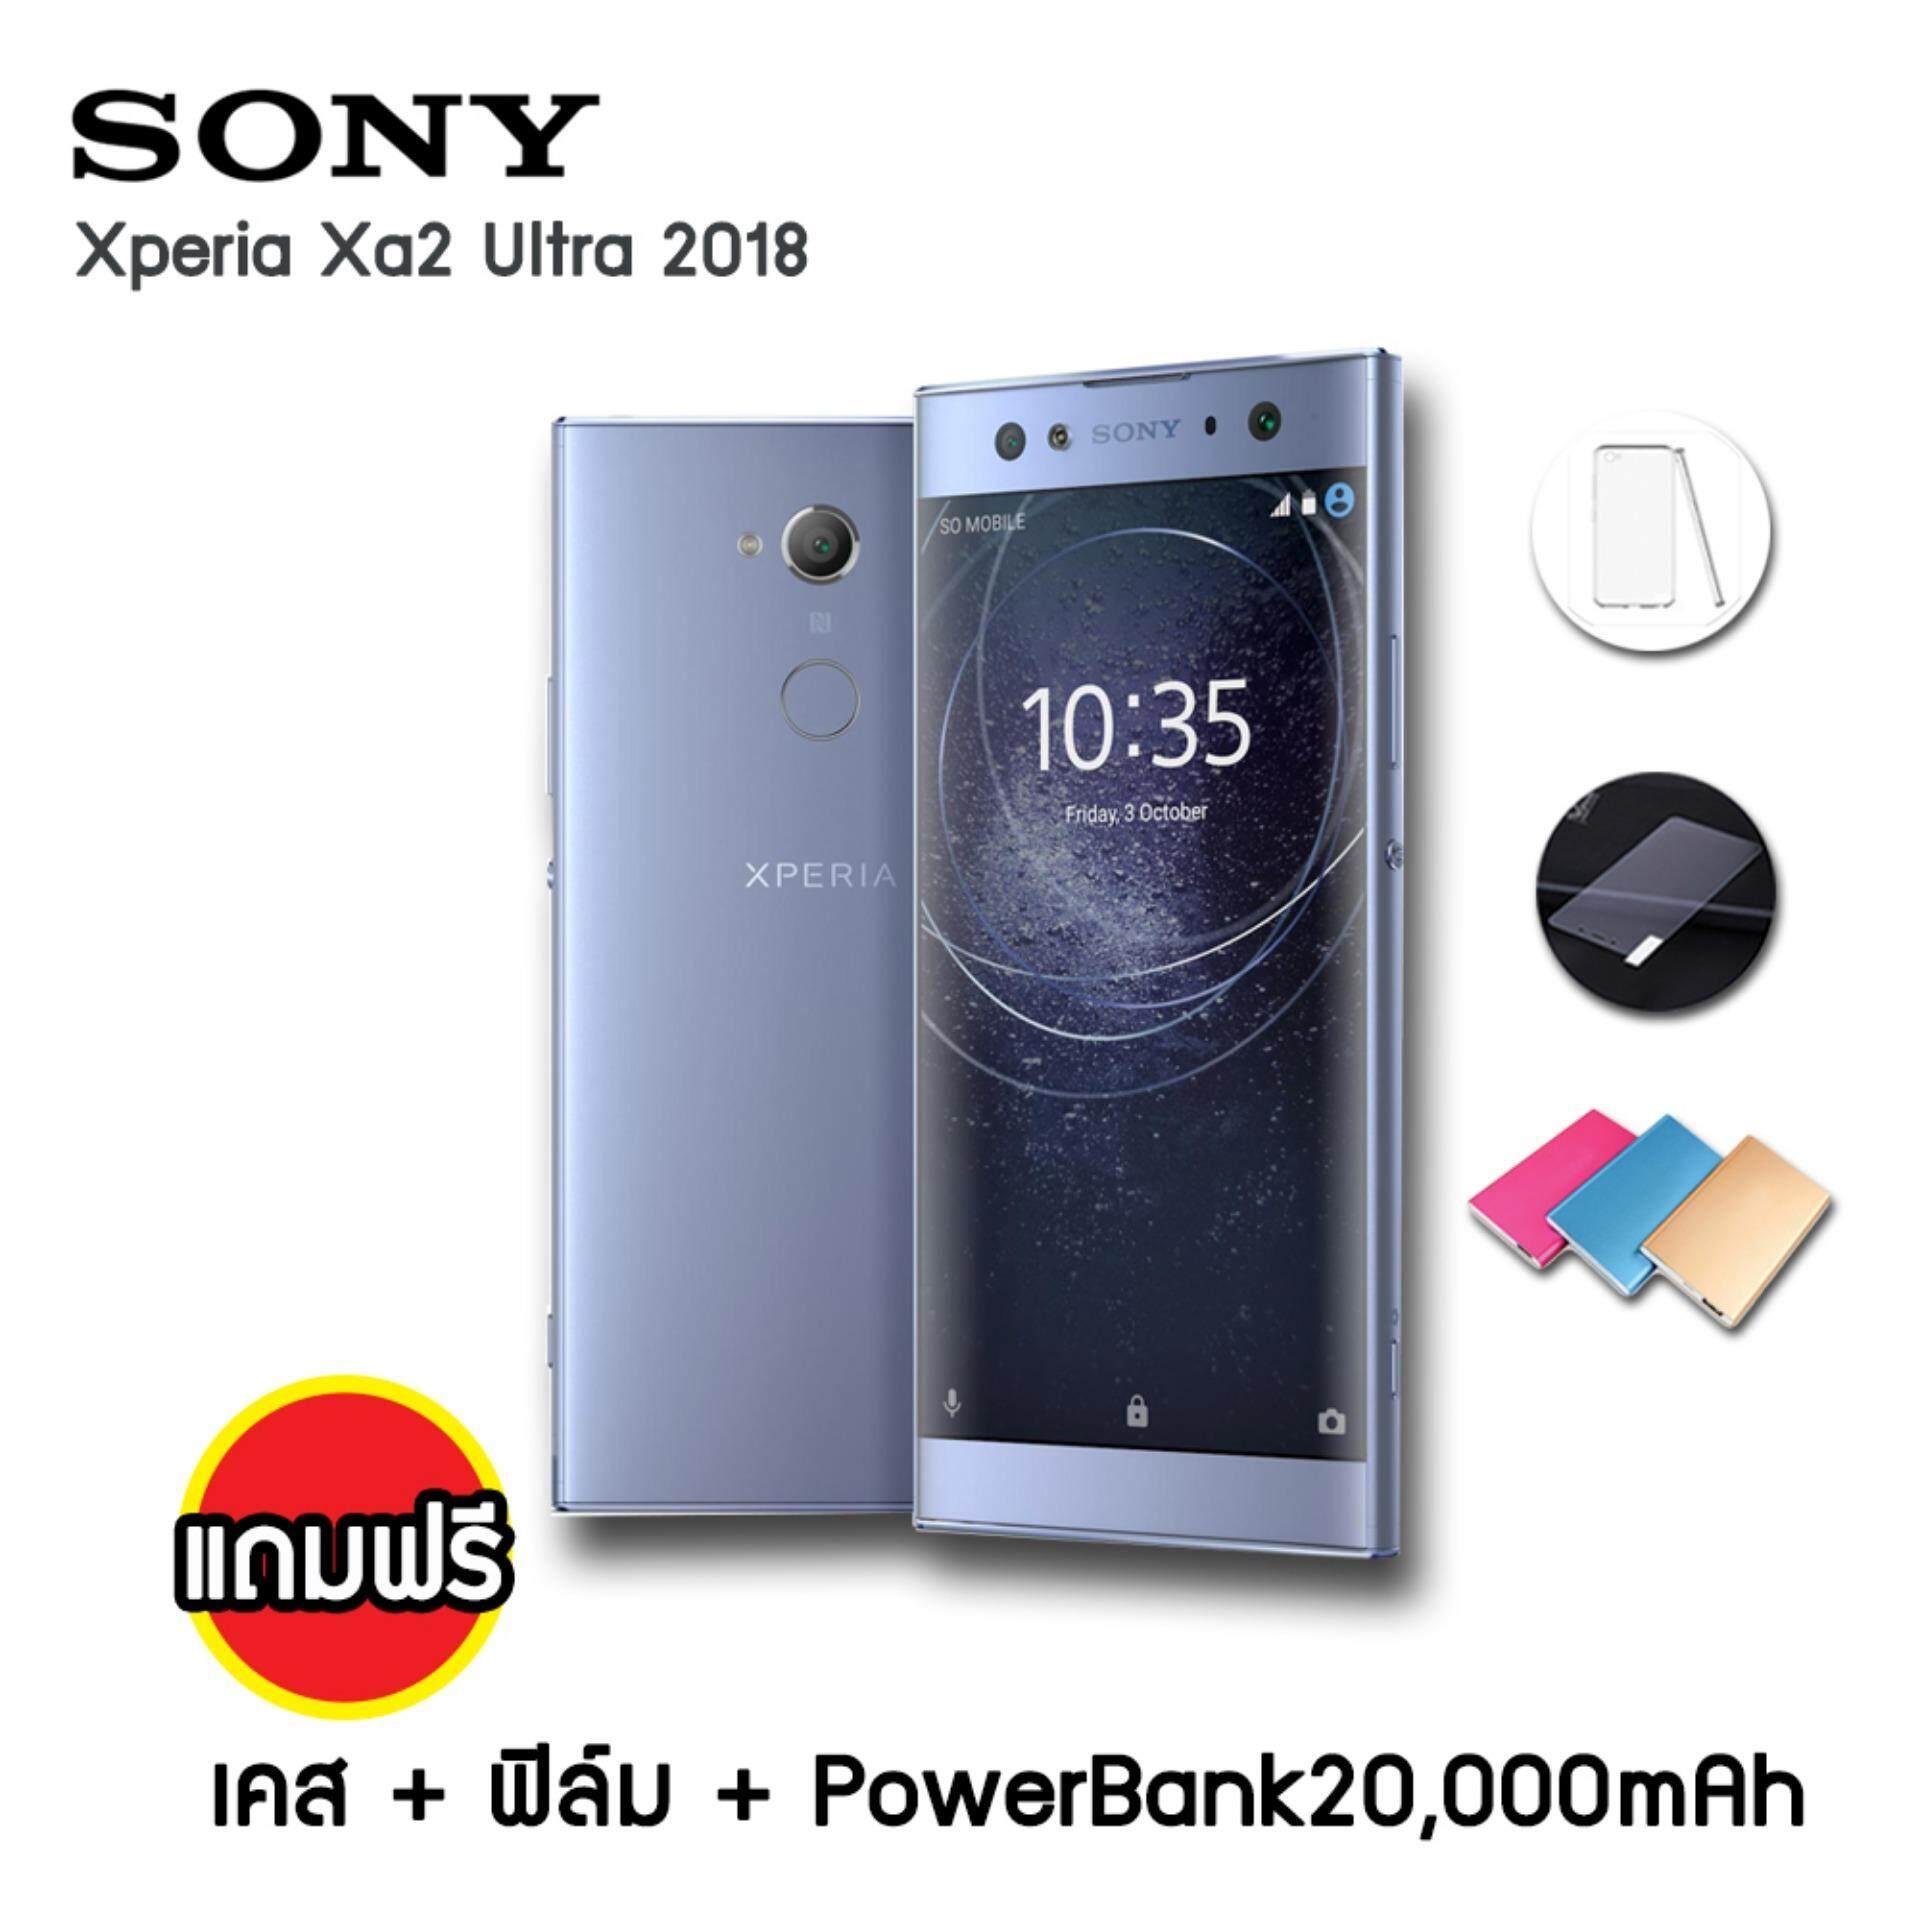 ขาย ซื้อ ออนไลน์ Sony Xperia Xa2 Ultra 2018 4 64Gb แถม เคส ฟิล์ม Powerbank20 000Mah